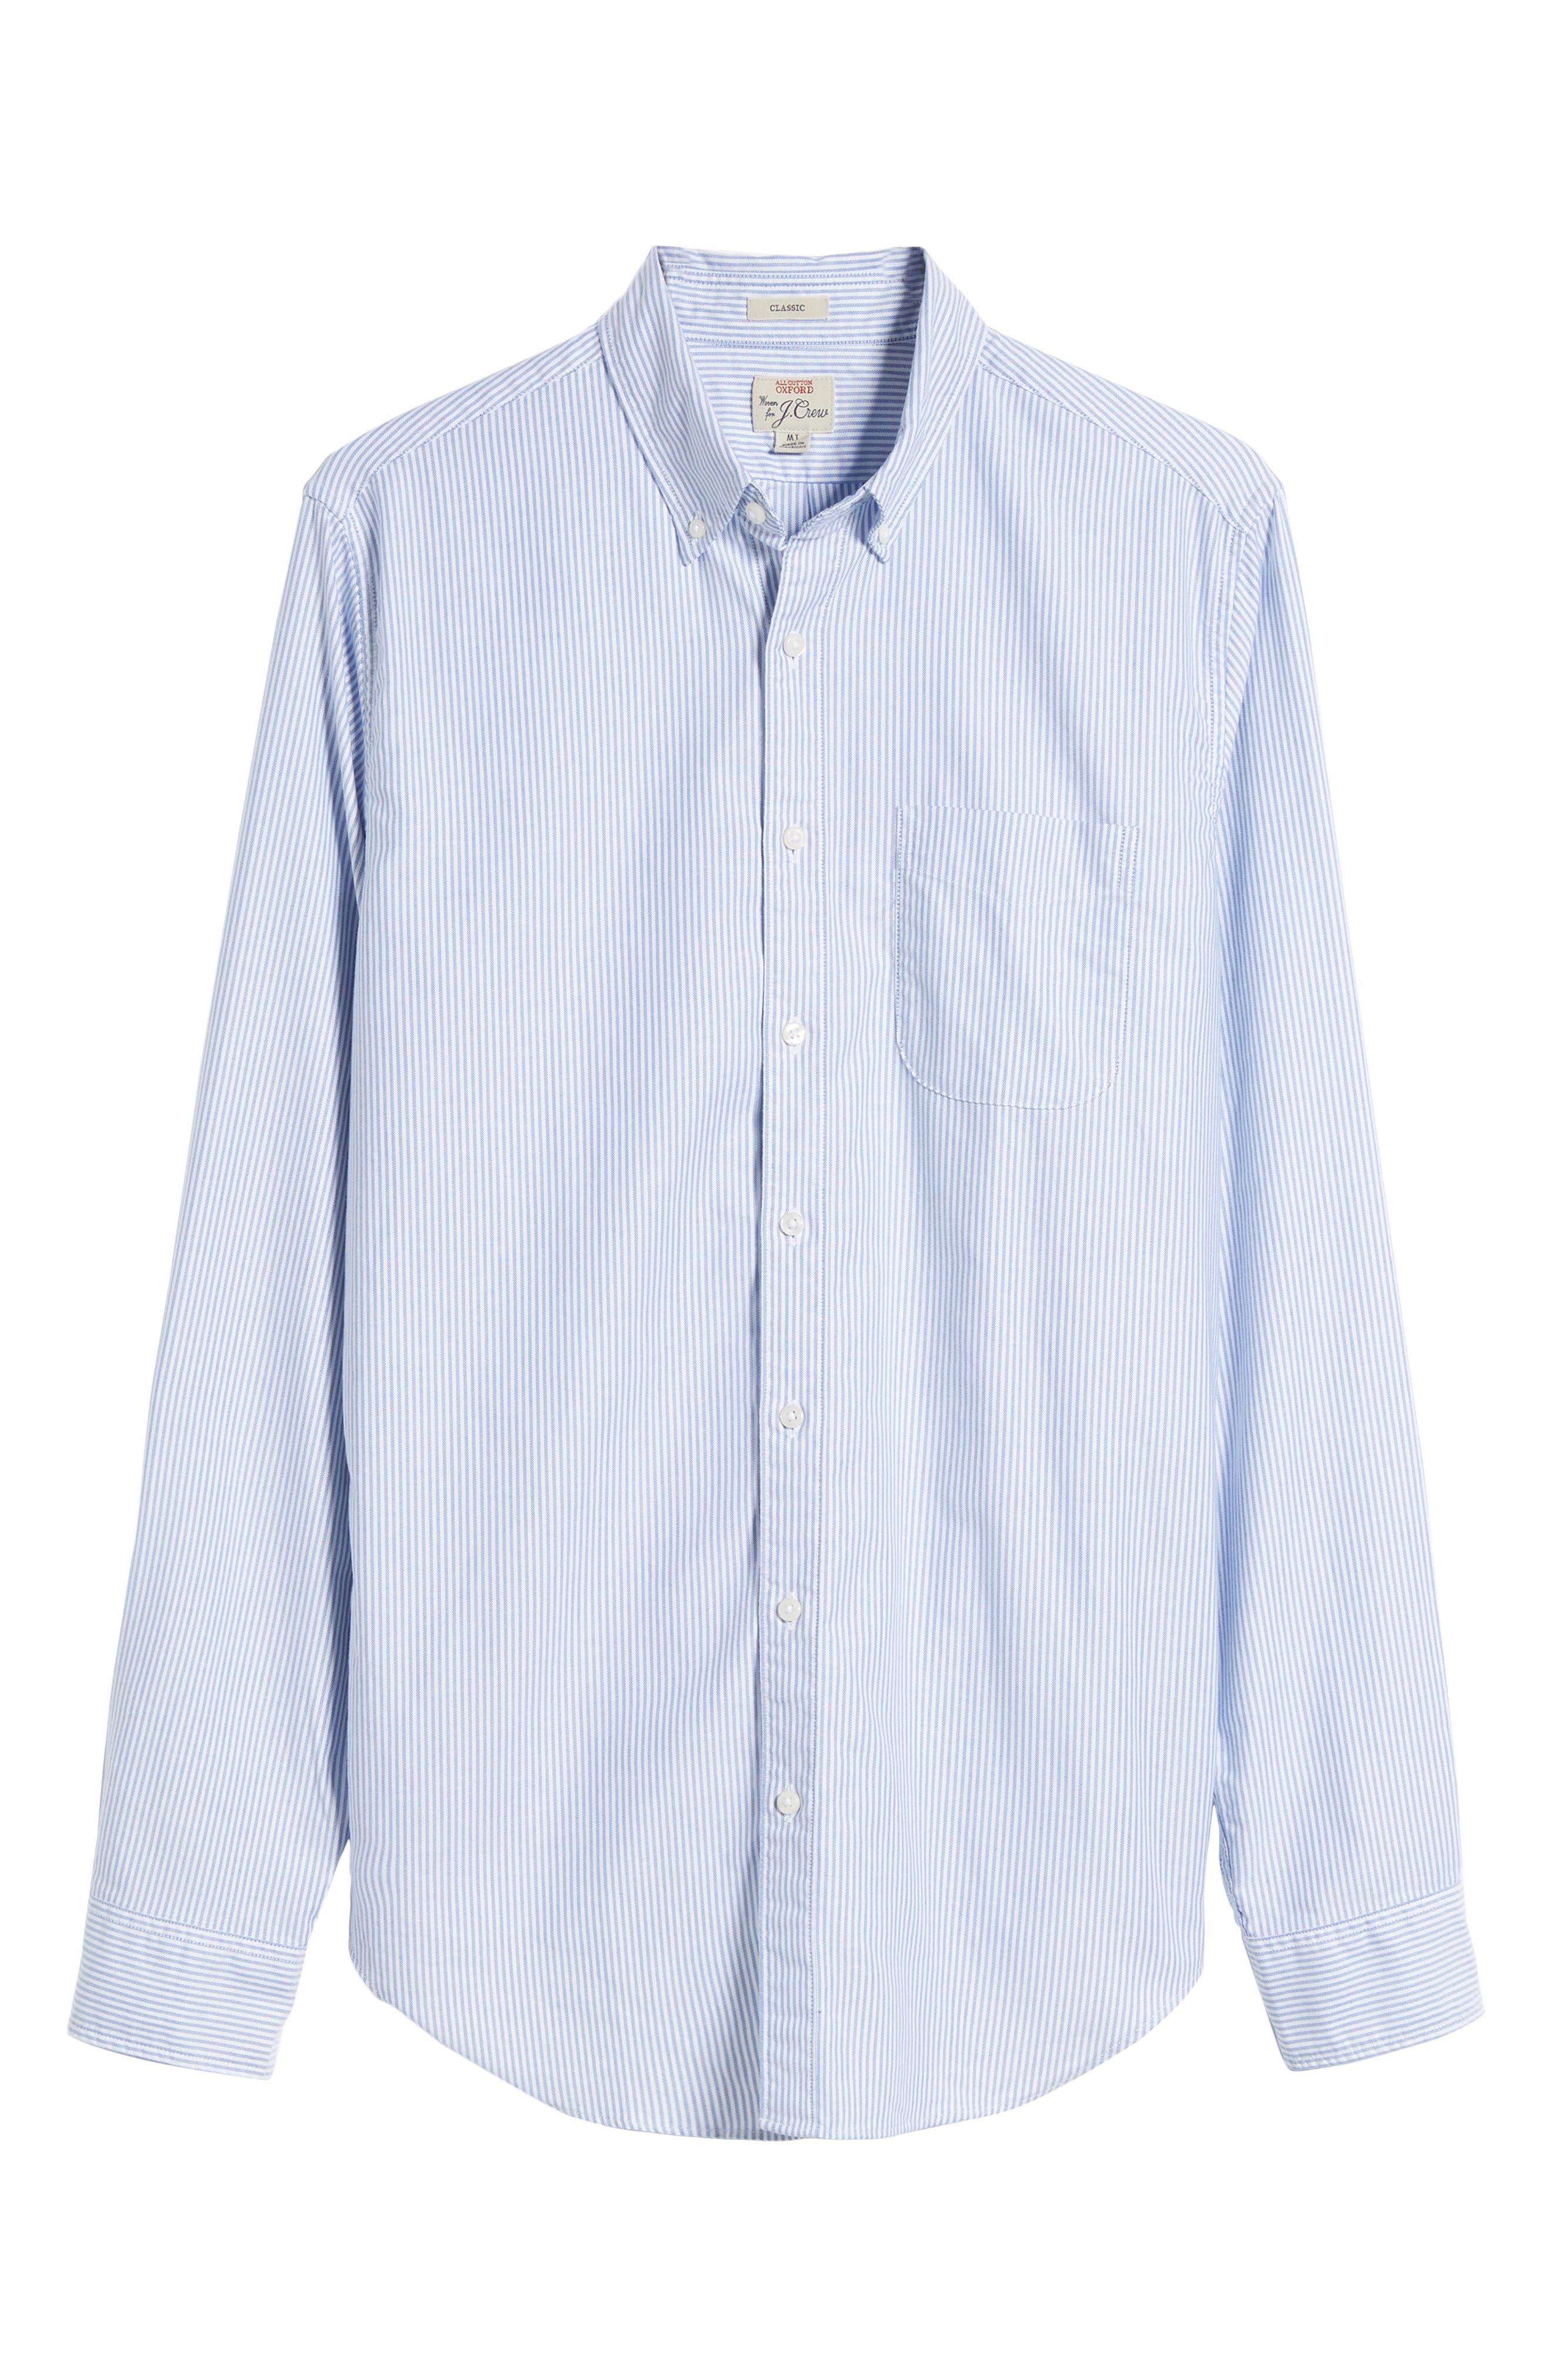 Slim Fit Stretch Pima Cotton Oxford Shirt,                             Main thumbnail 1, color,                             Raincoat Blue